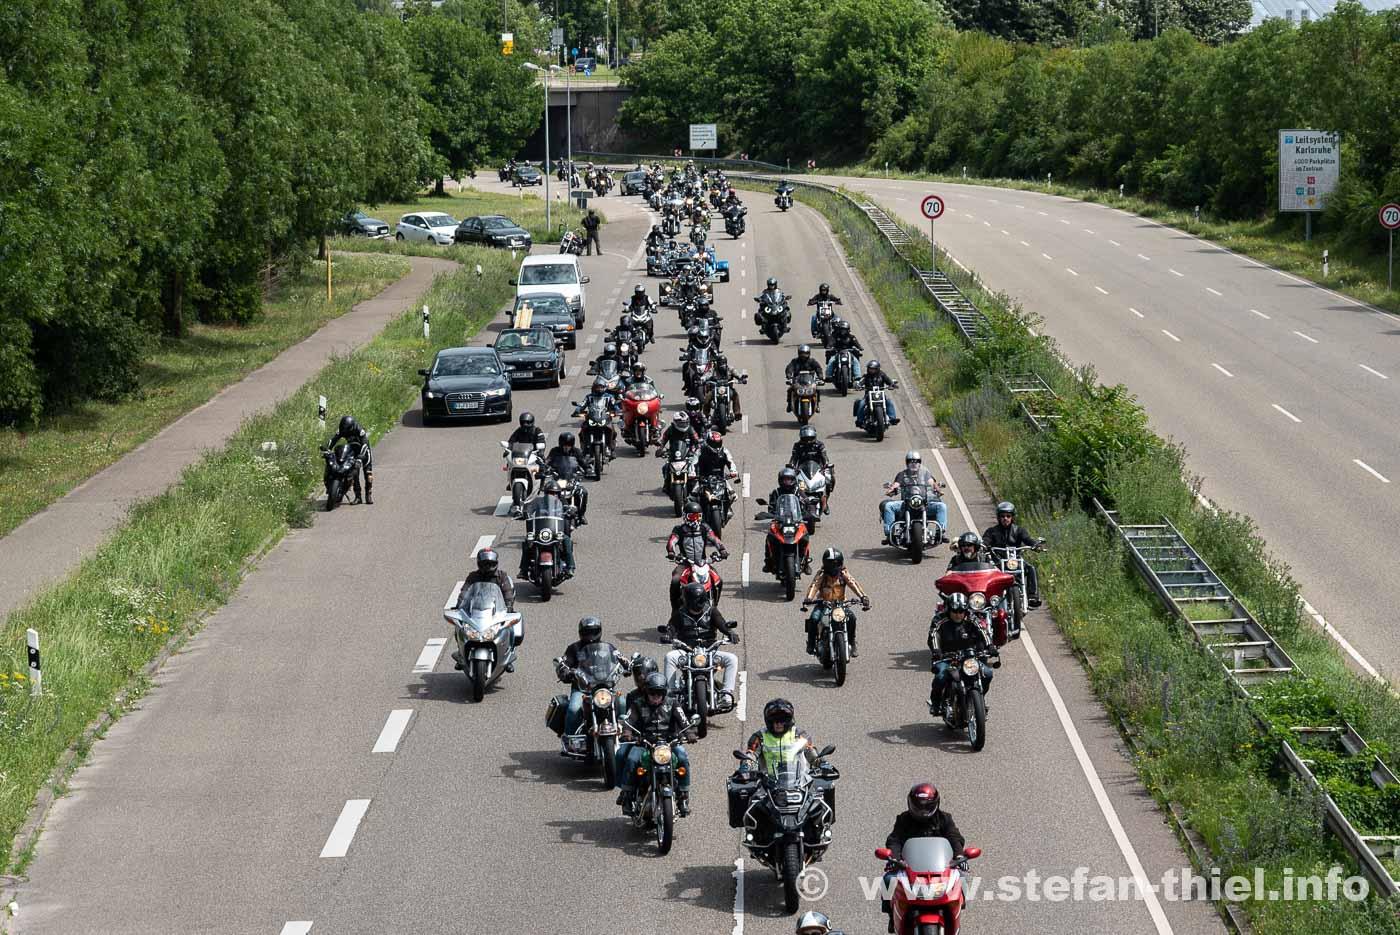 Biker Demo Karlsruhe 04.07.2020